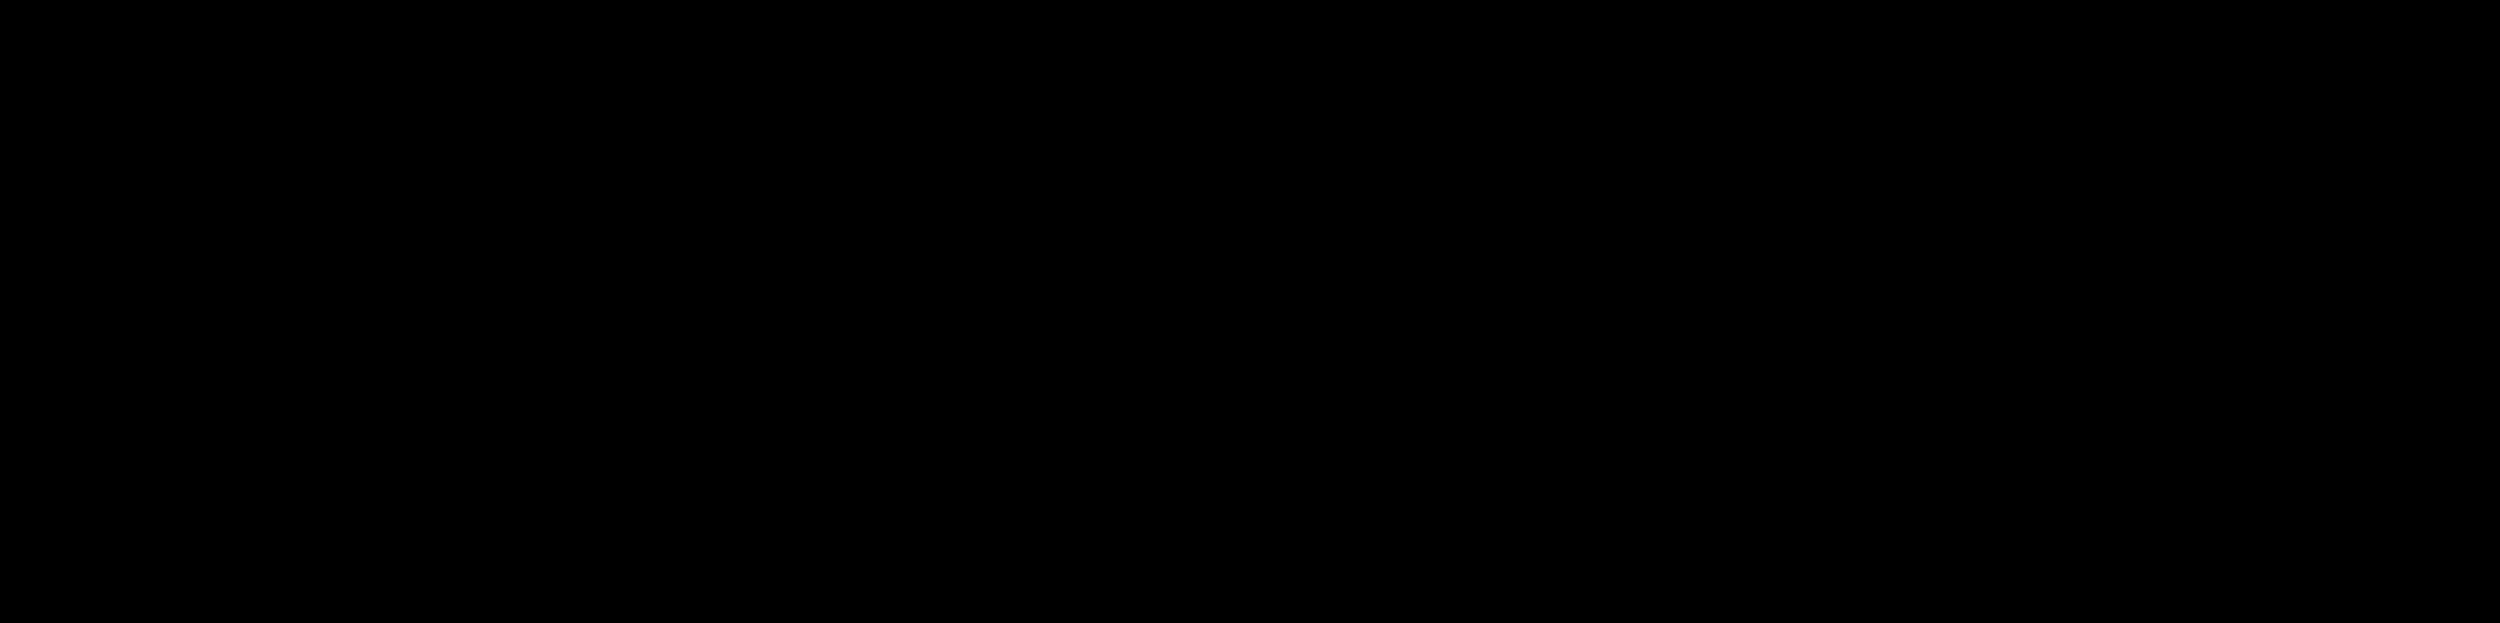 logo-mmc-noir